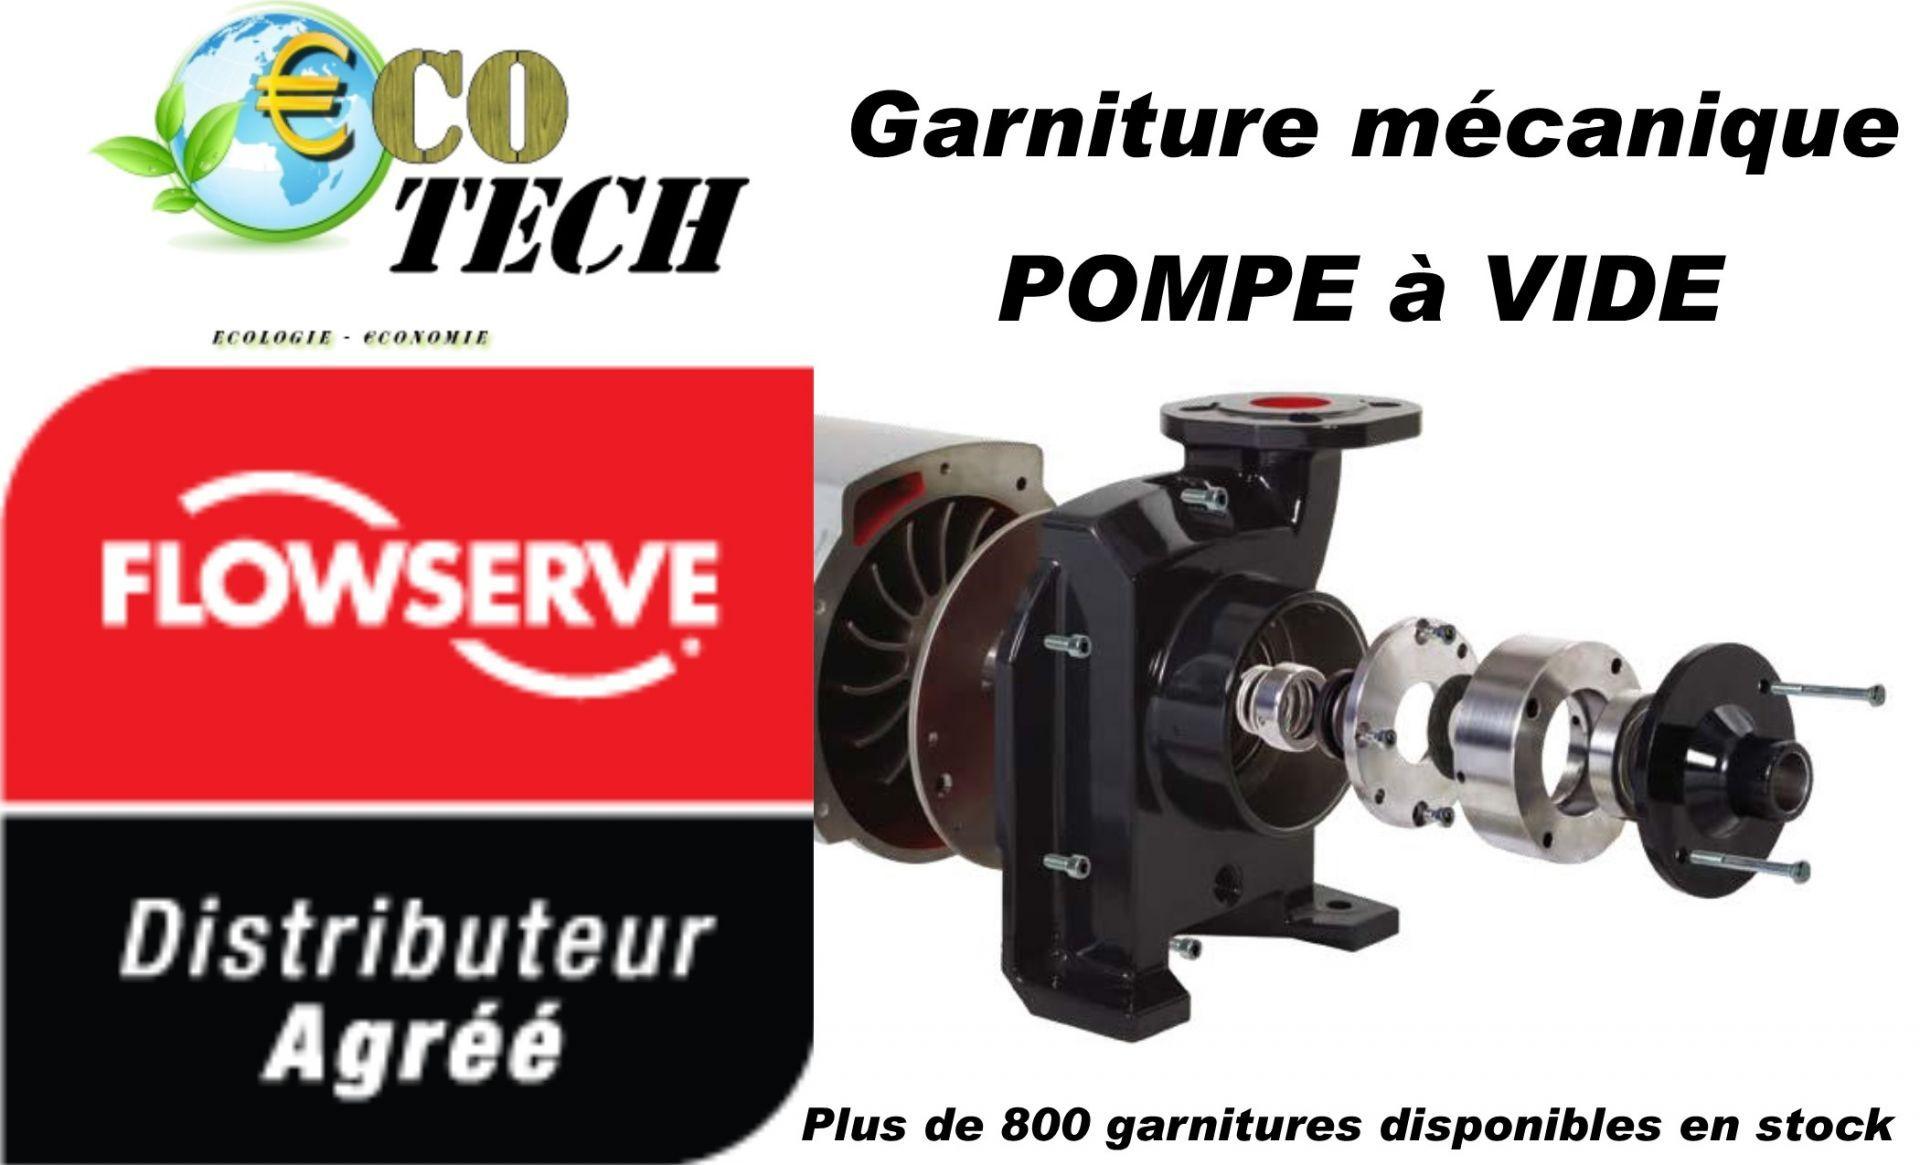 Garniture mécanique  et cartouche sihi - flowserve pour pompe a vide